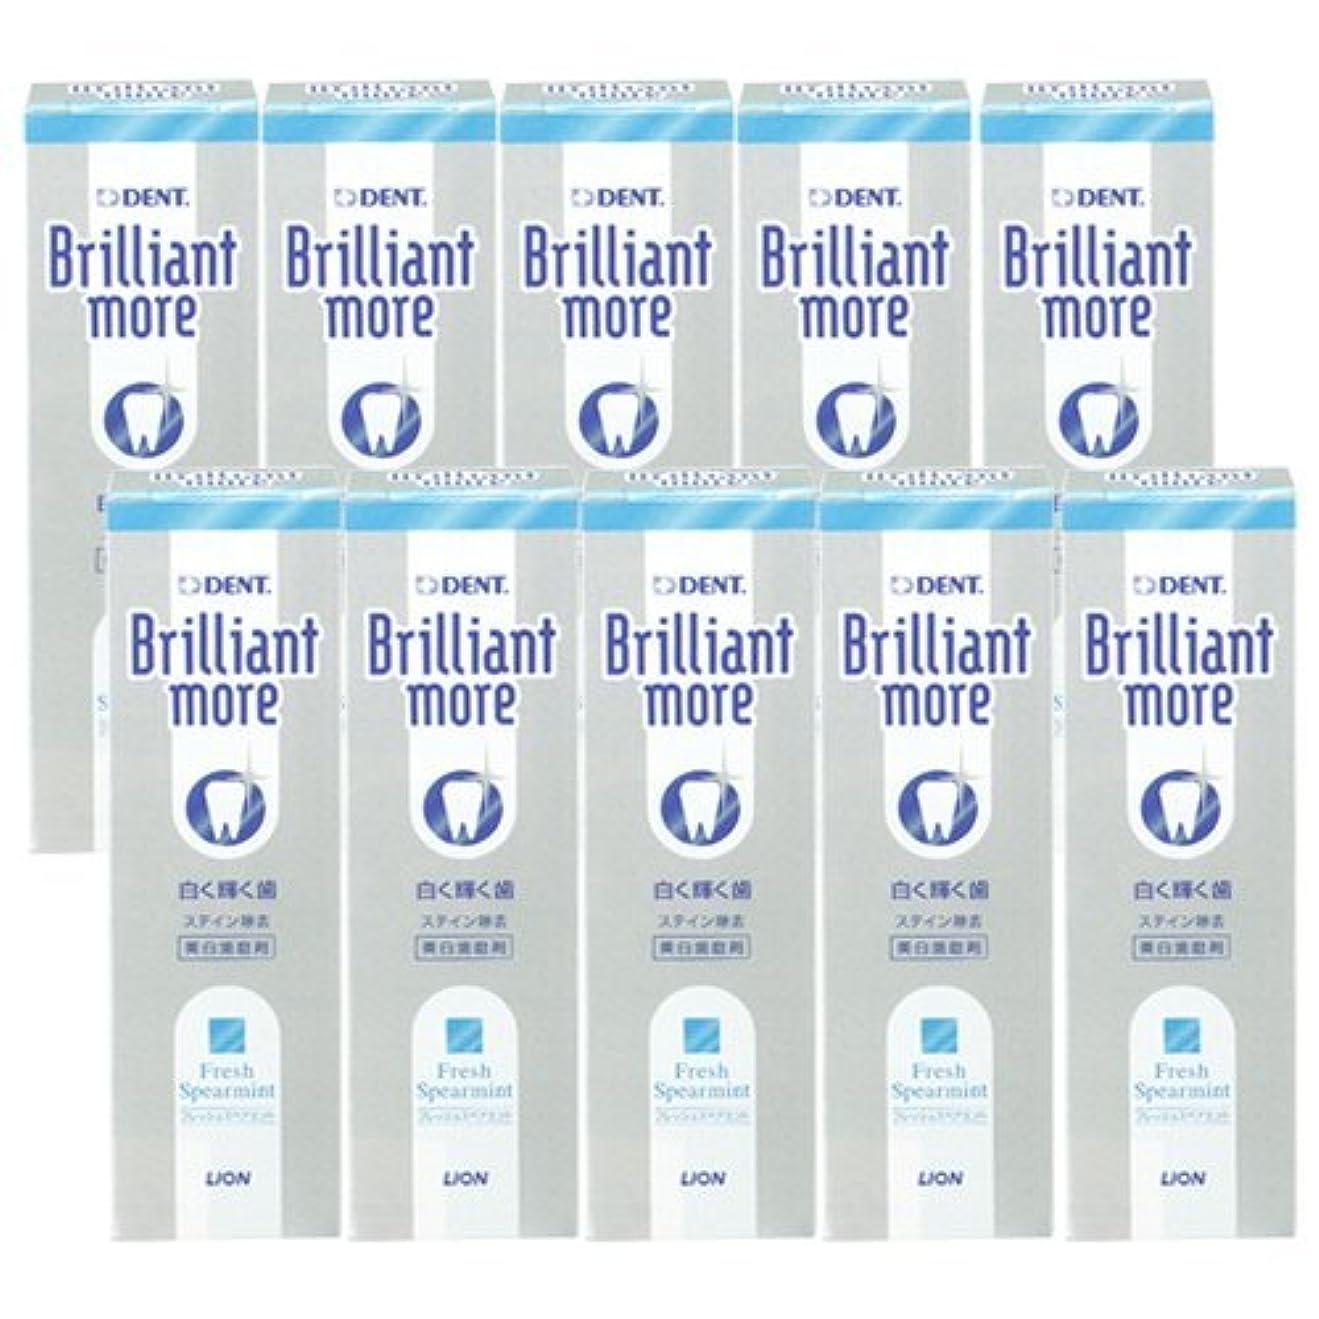 偽善ミュウミュウ九ライオン ブリリアントモア フレッシュスペアミント 美白歯磨剤 LION Brilliant more 10本セット